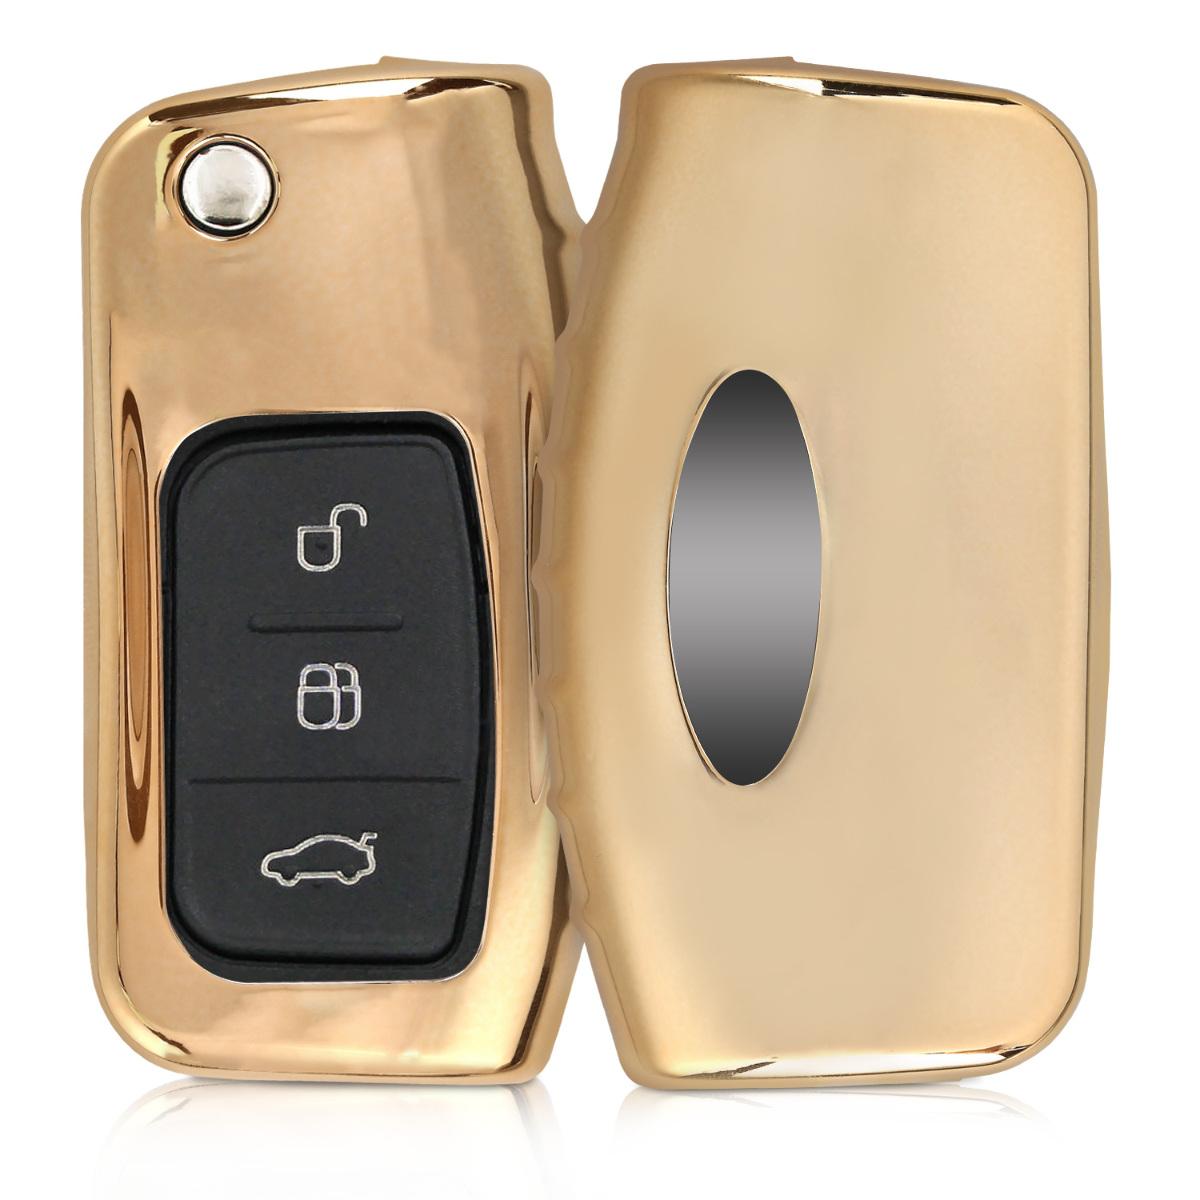 KW Θήκη κλειδιού - Ford - Σιλικόνη TPU- 3 κουμπιά - Gold High Gloss (44986.92)